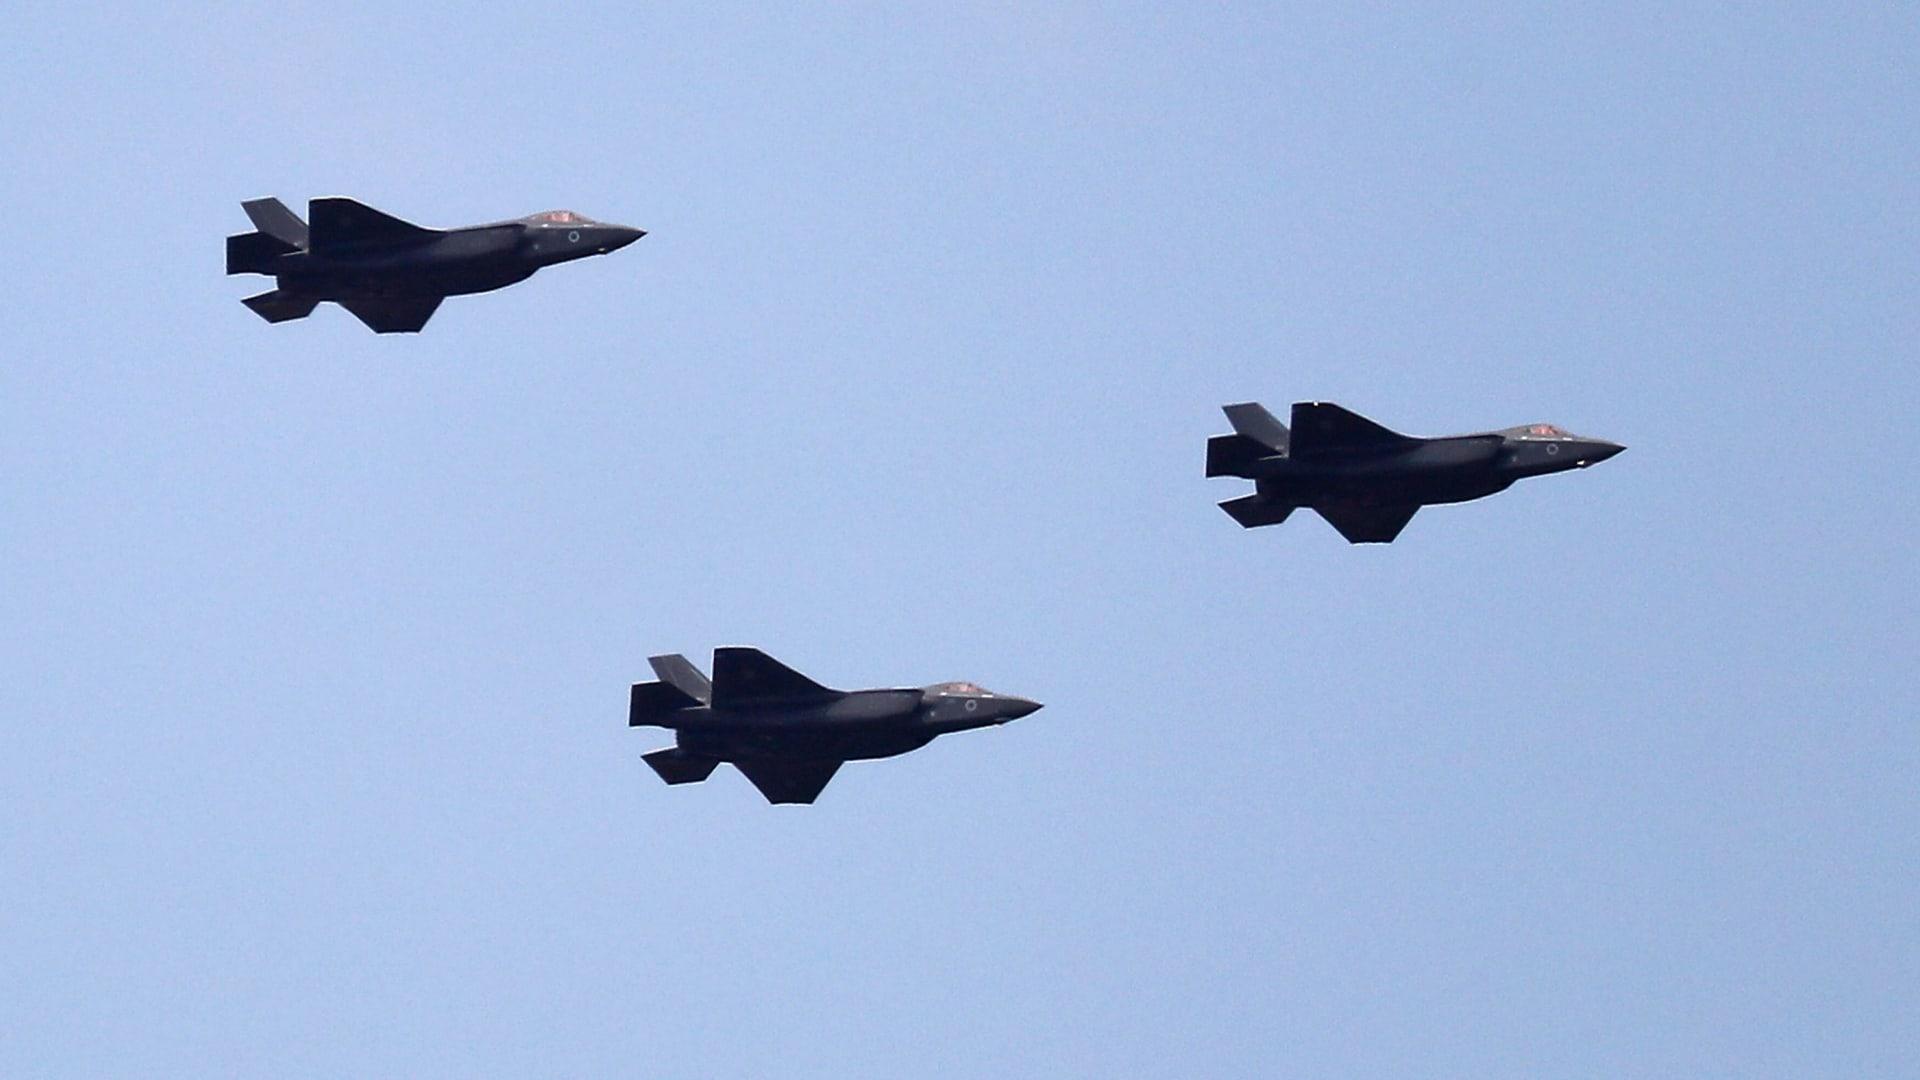 فيديوغرافيك.. إسرائيل تخسر مركزها بين قوى المنطقة أمام إيران